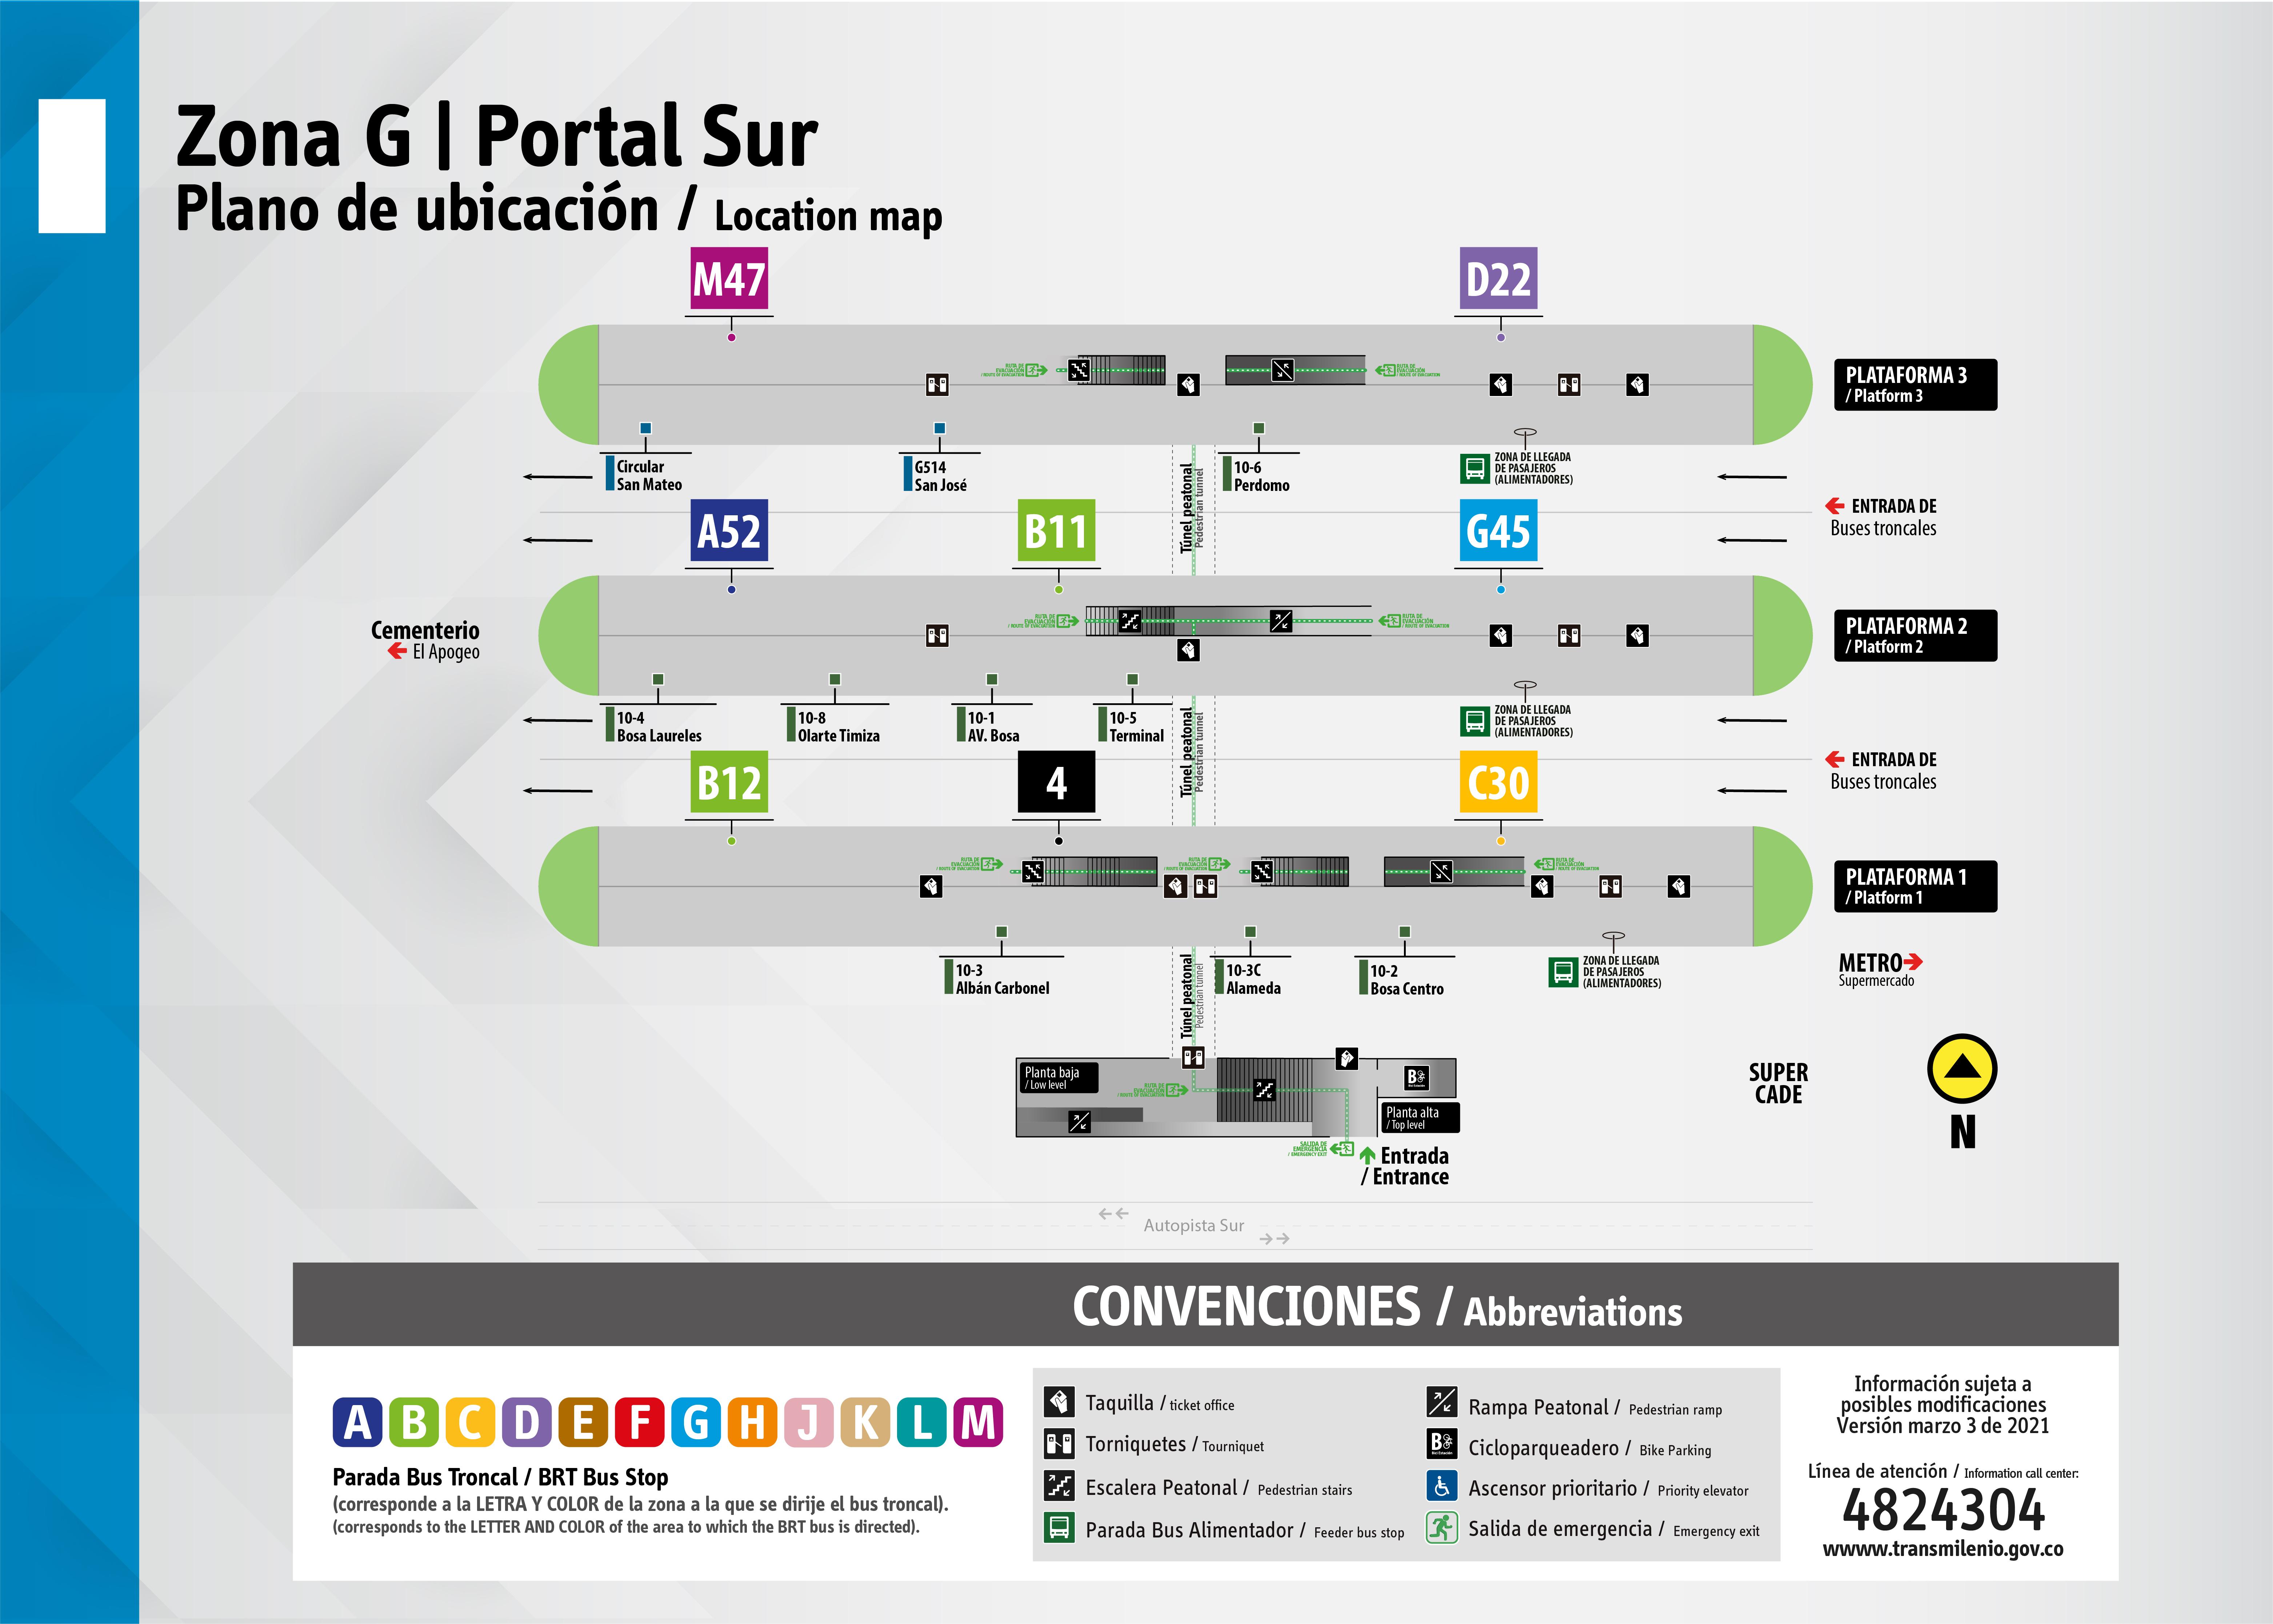 Plano de plataformas del portal Sur